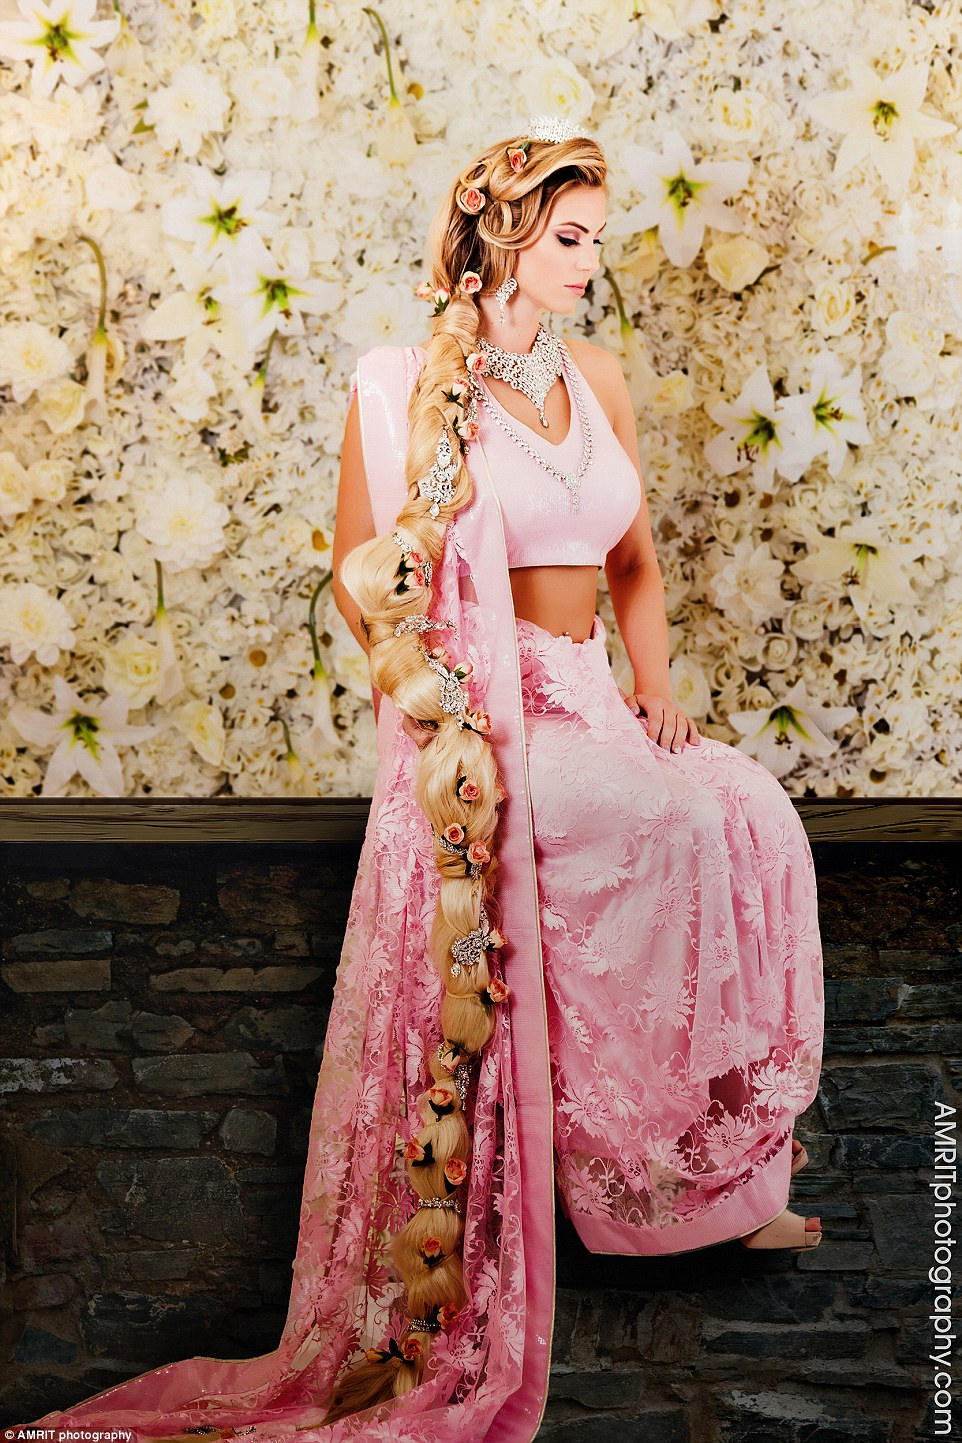 princesse disney indienne raiponce